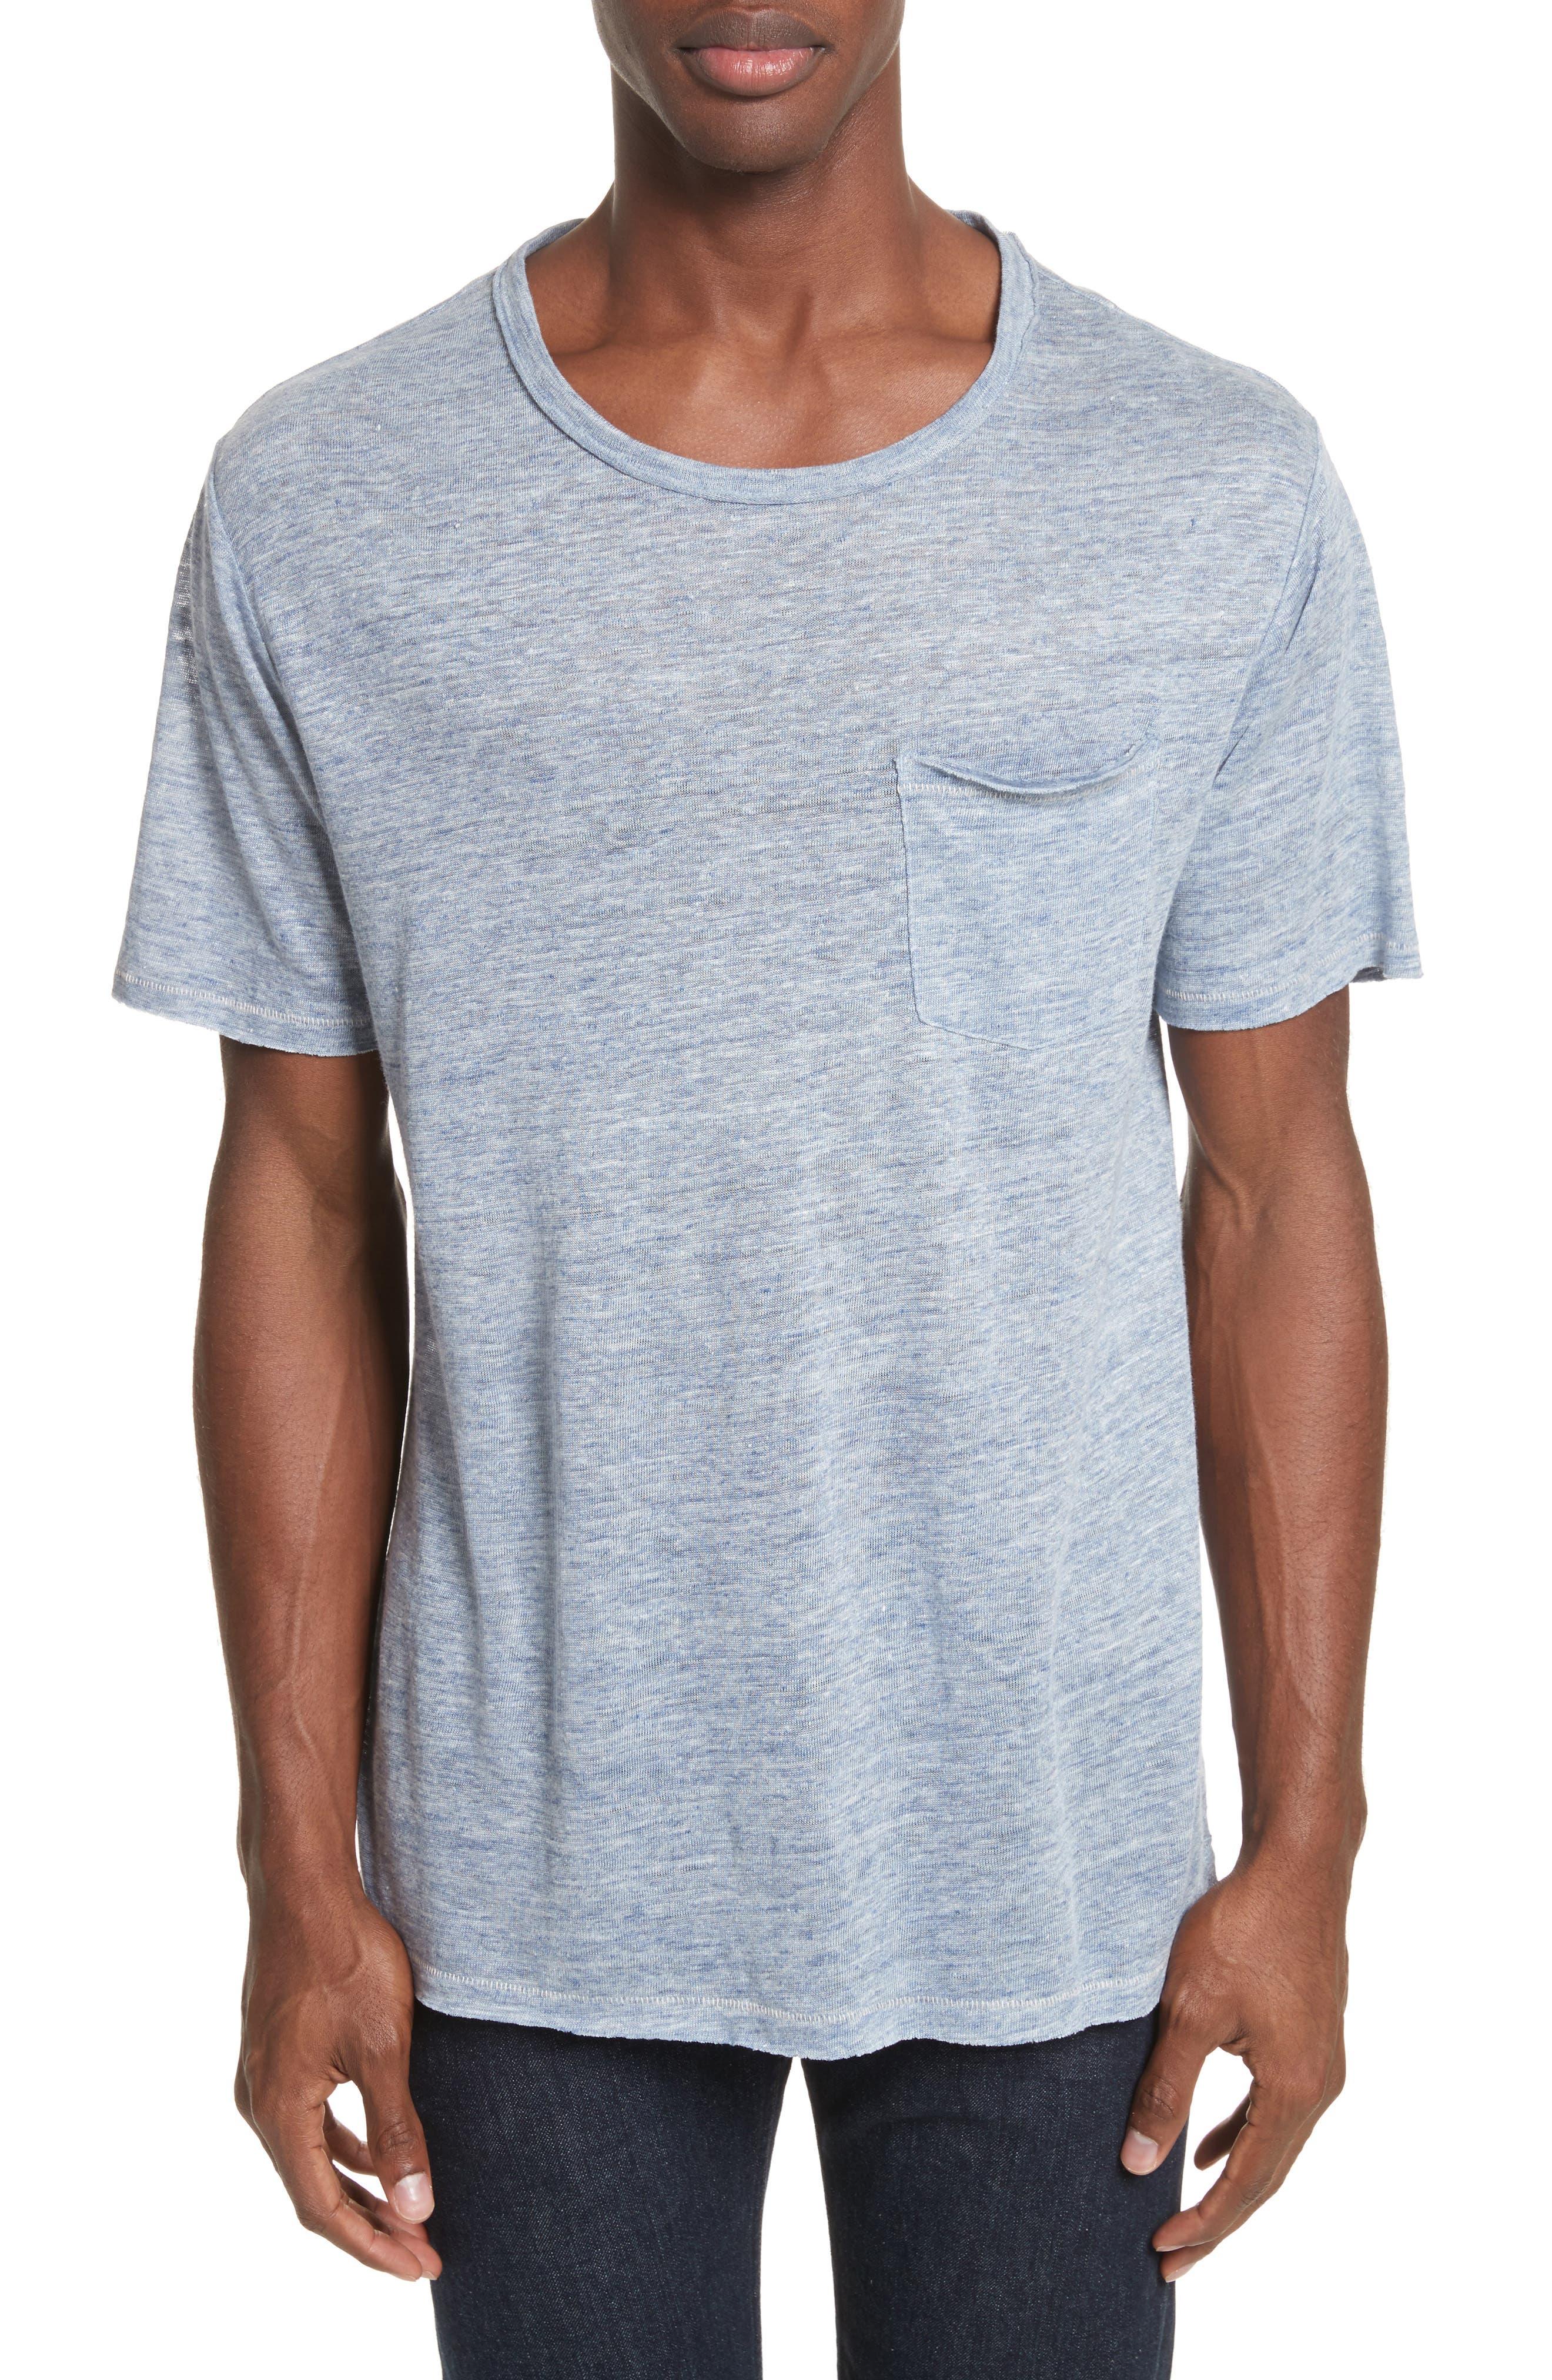 Owen T-Shirt,                         Main,                         color, Blue